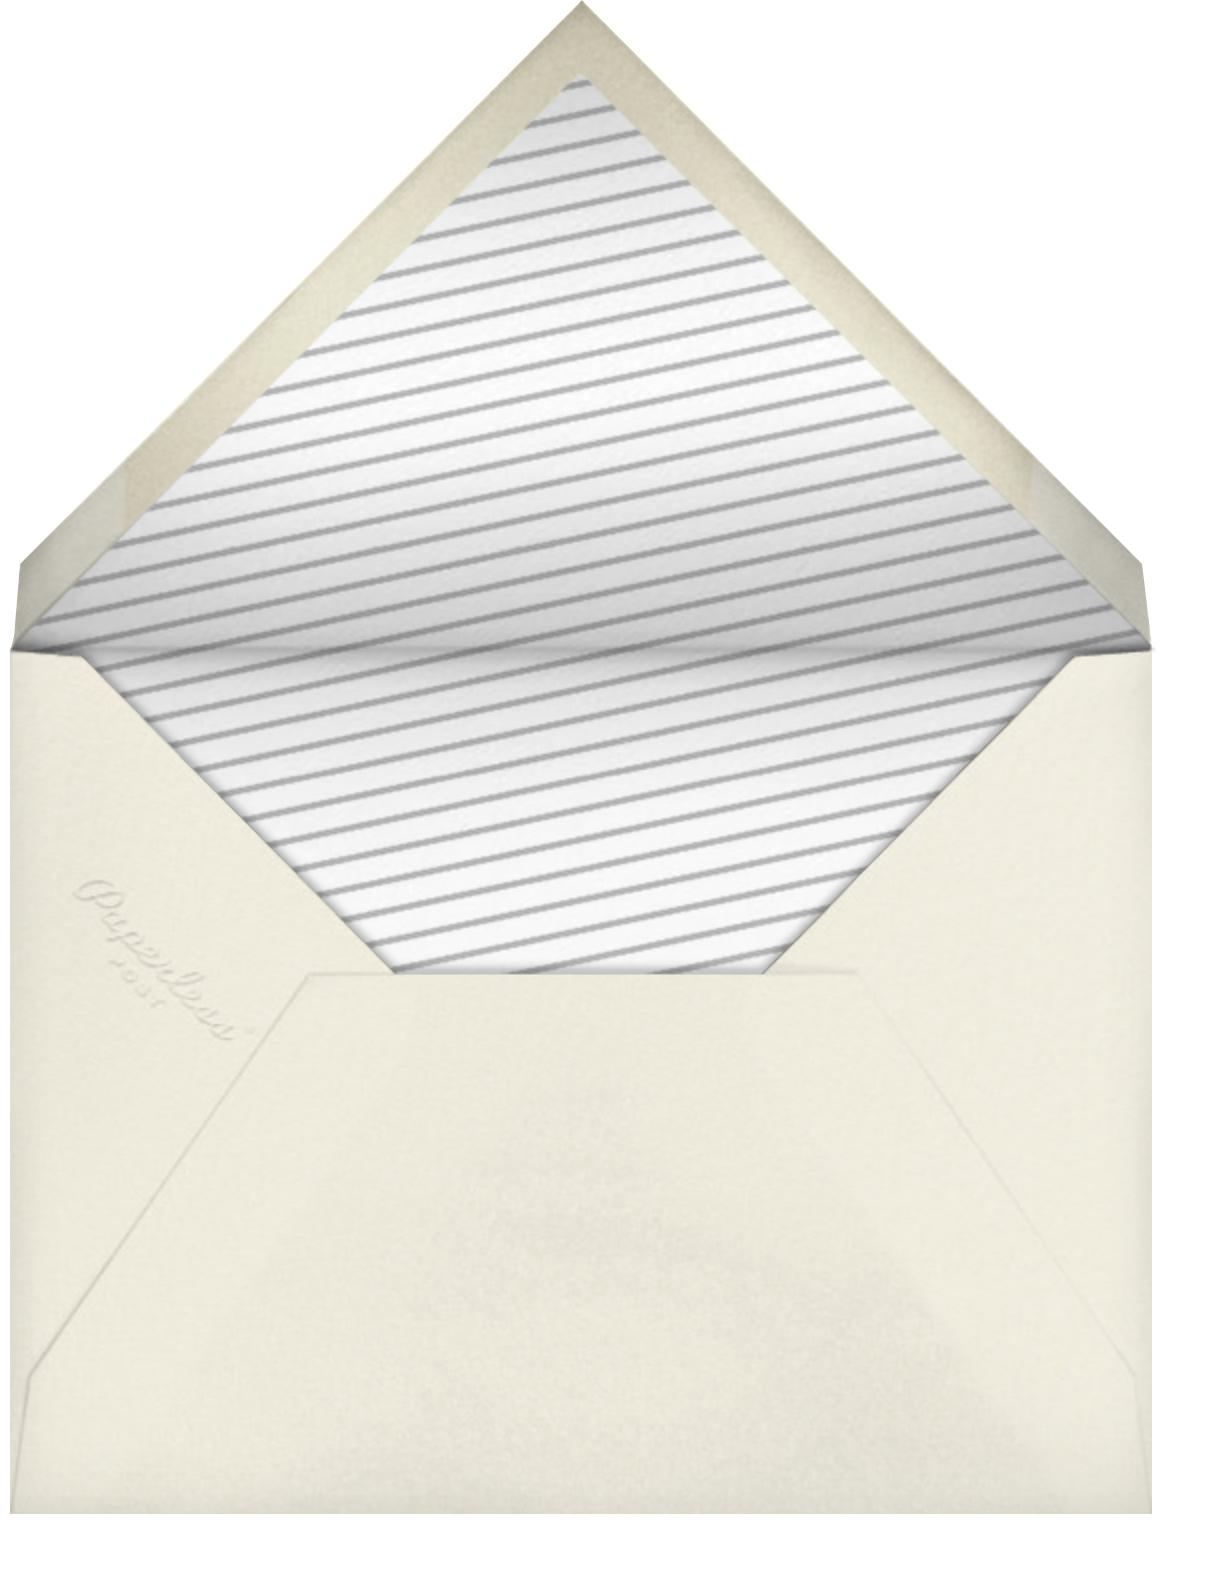 Champagne Bottle - Paperless Post - Envelope